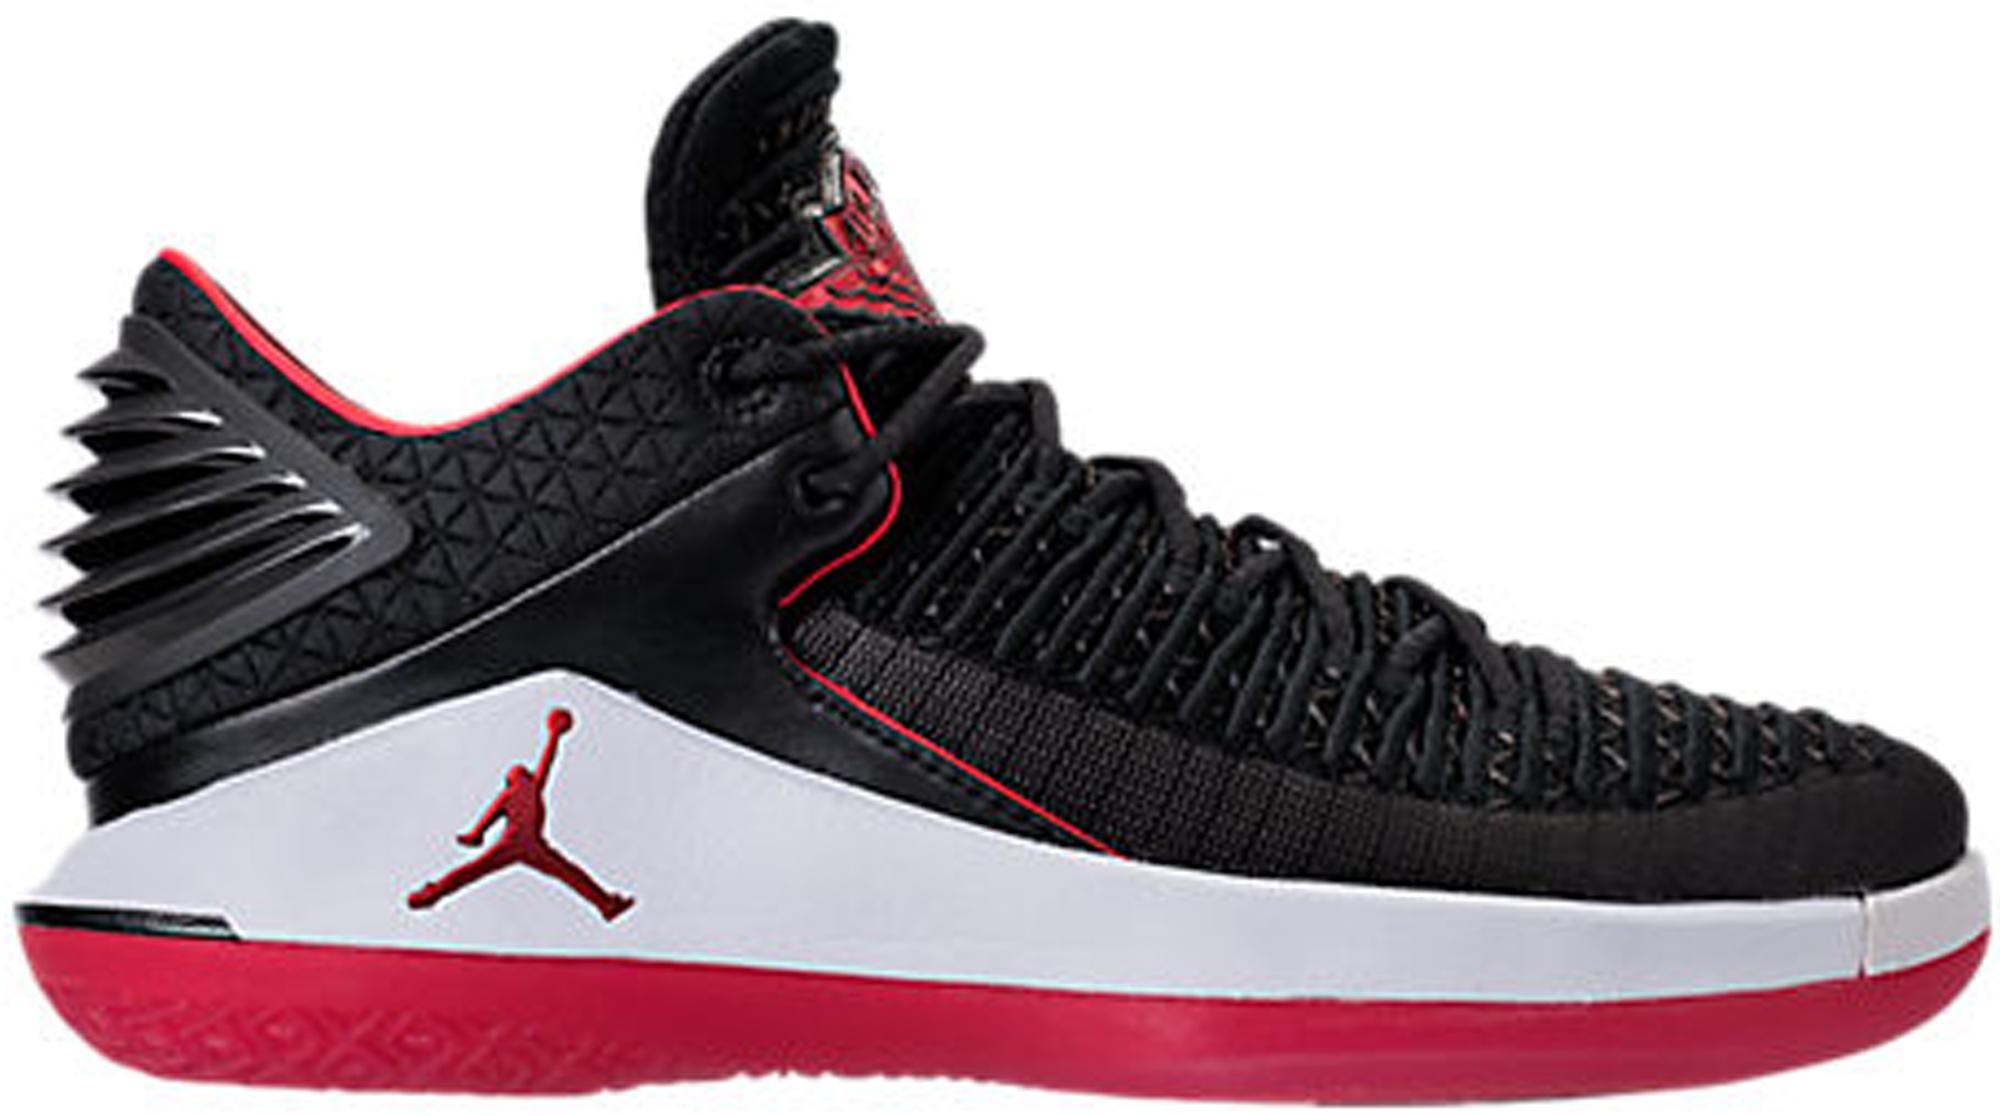 Jordan XXXII Low MJ Day